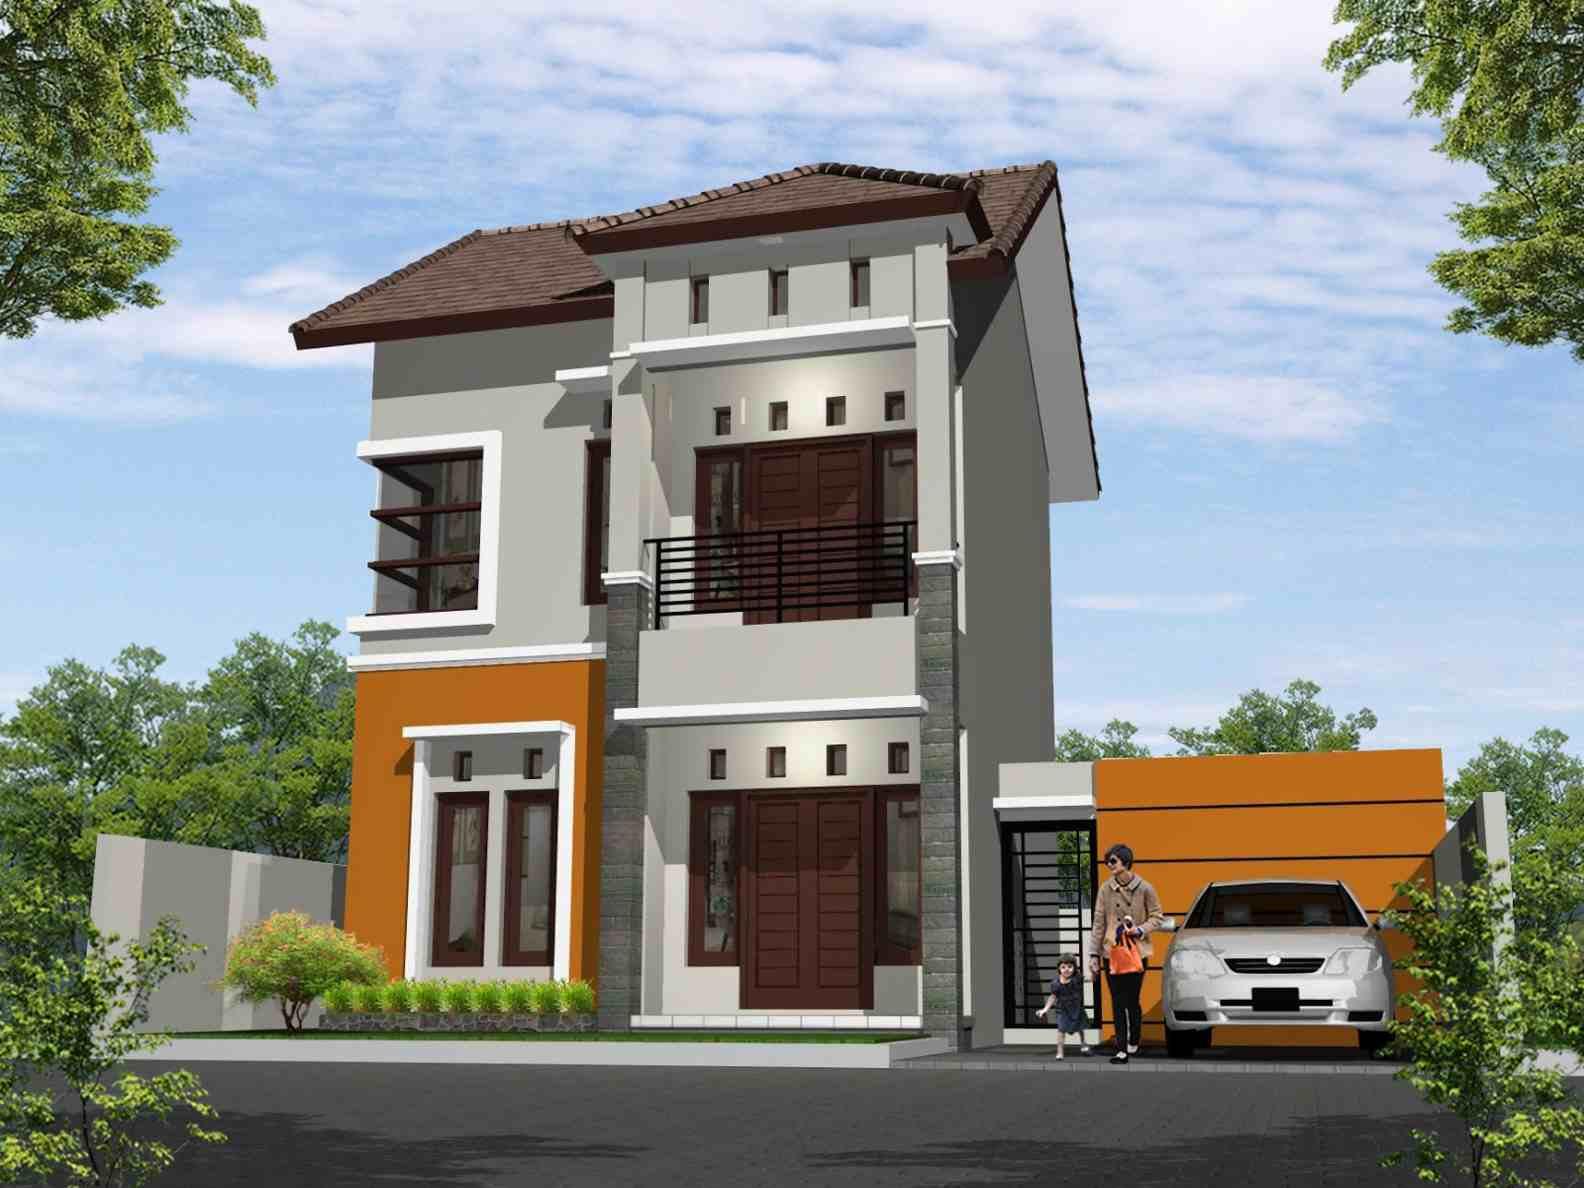 Desain Rumah Type 45 Minimalis 1 Lantai Dan 2 Lantai